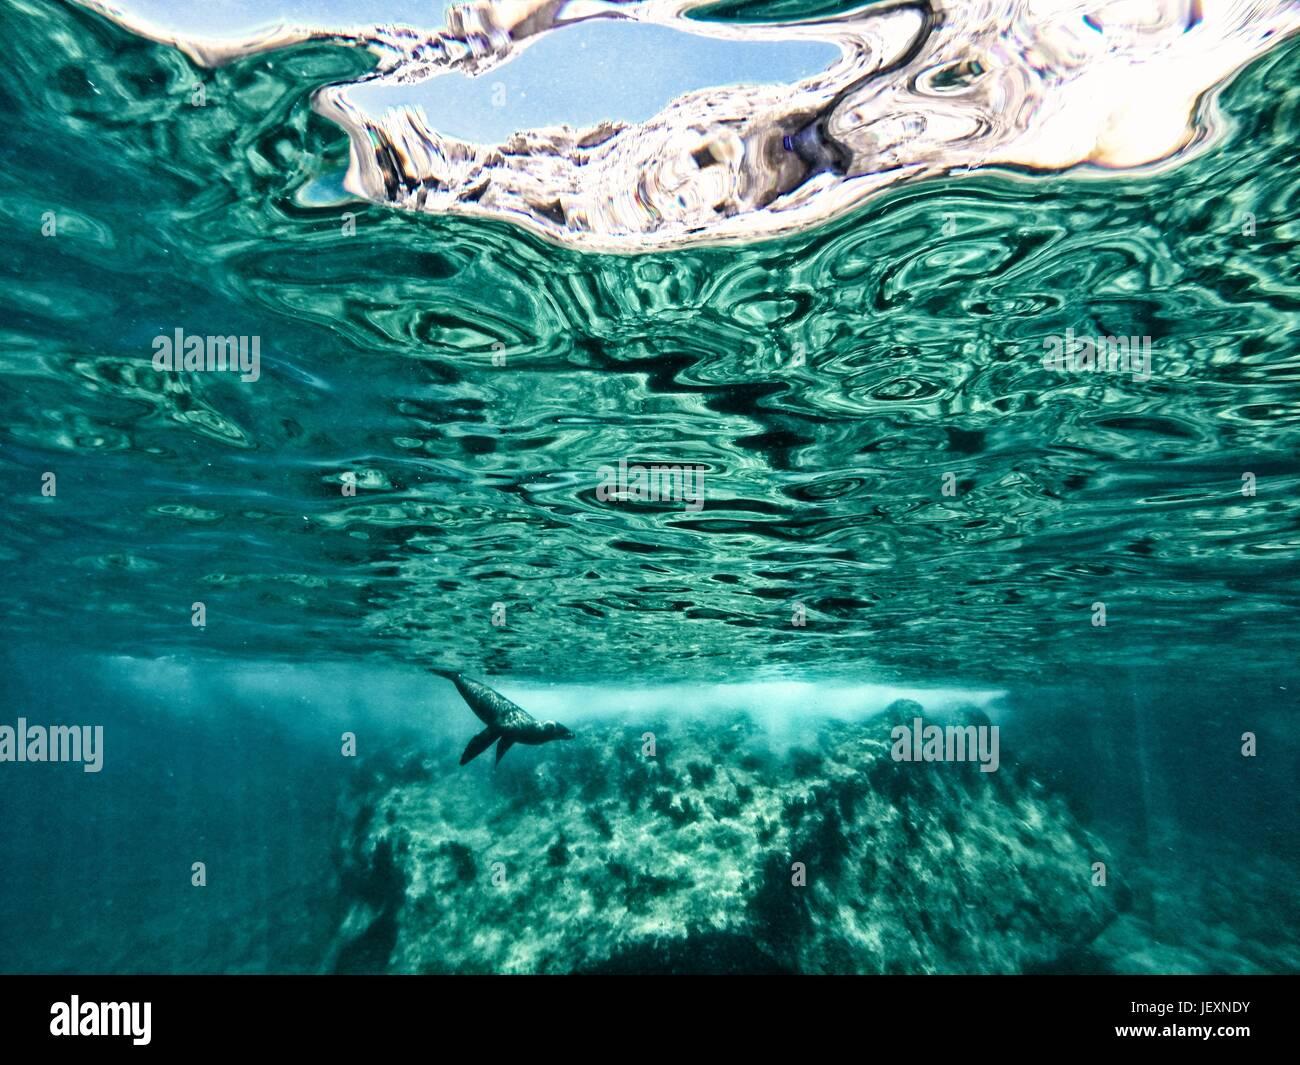 Un lion de mer de Californie, Zalophus californianus, nage dans les eaux au large de couple sitting in Beach chairs. Photo Stock